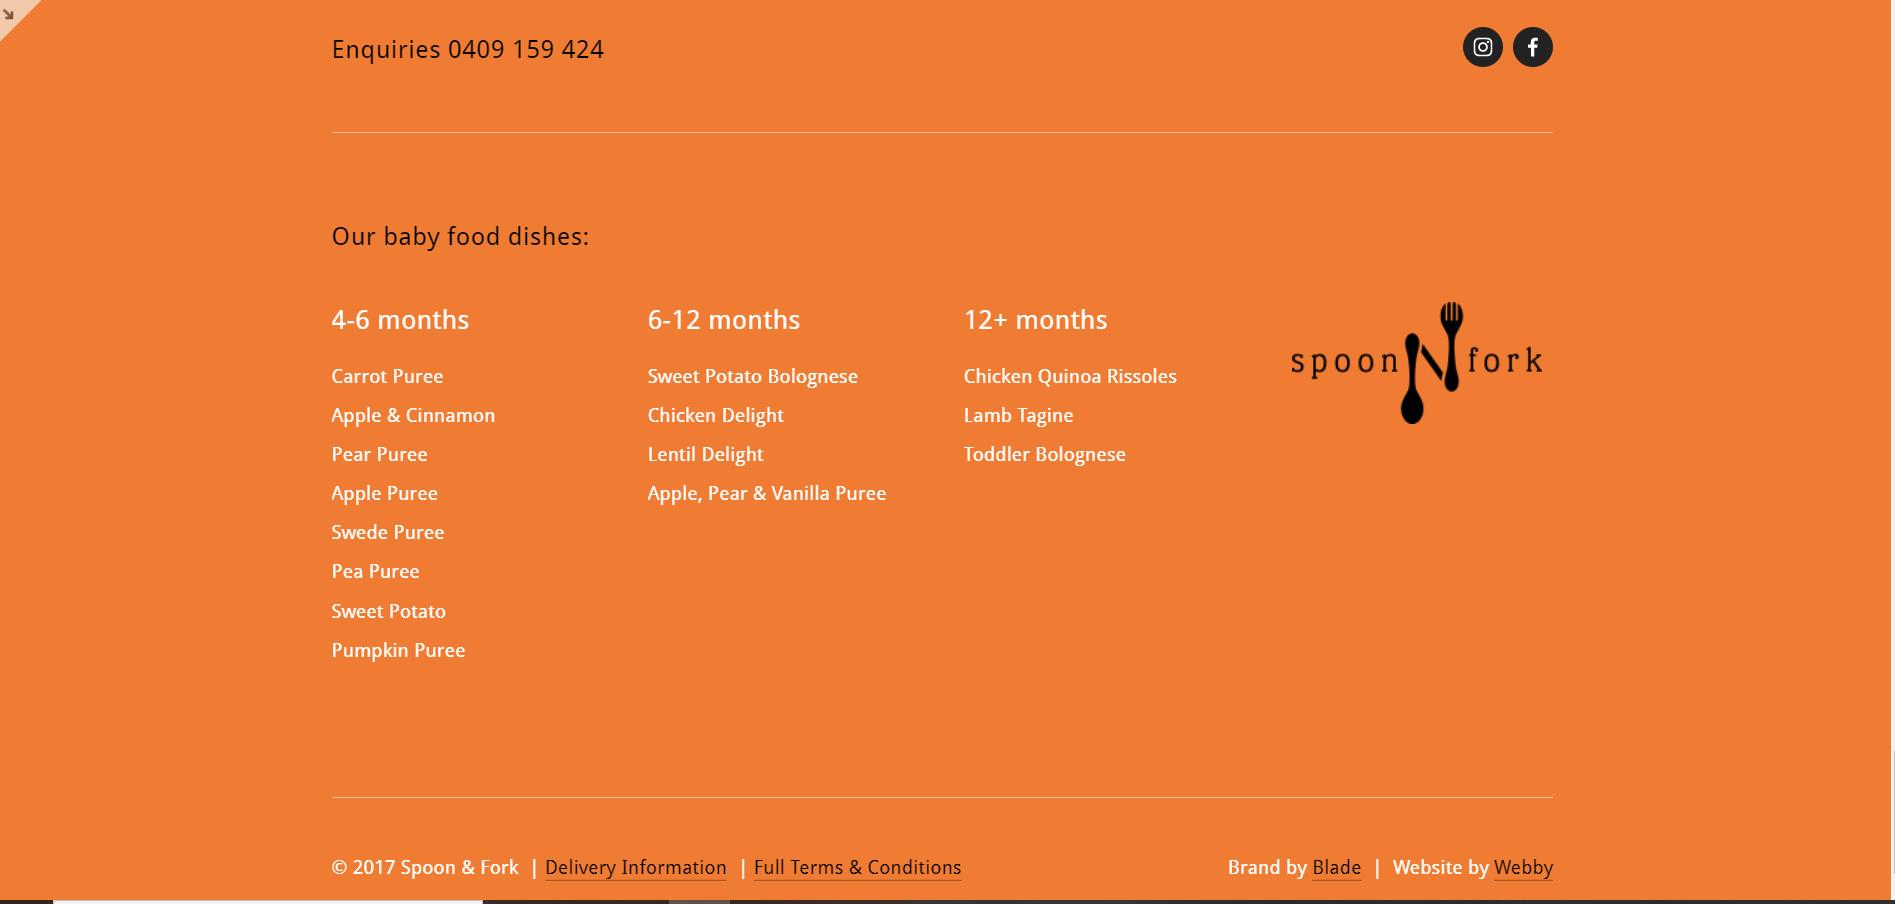 Soon N Fork (Squarespace website footer)